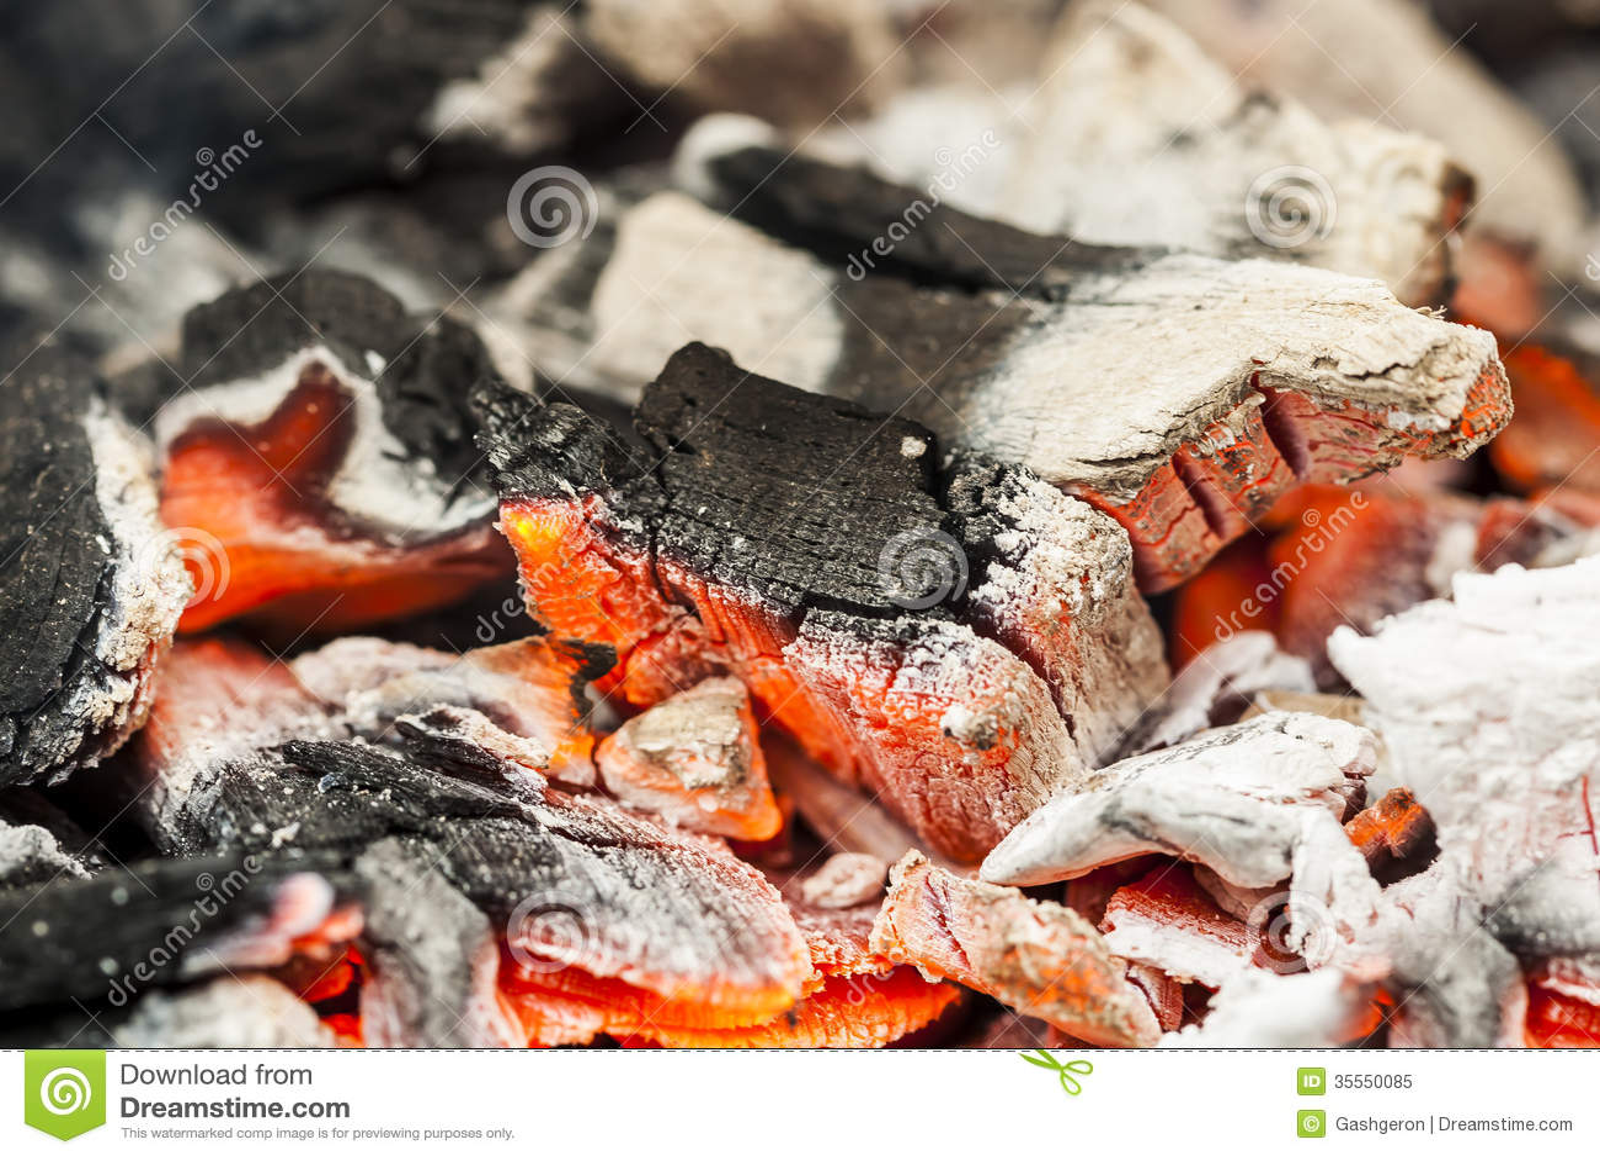 Brinnande kol.